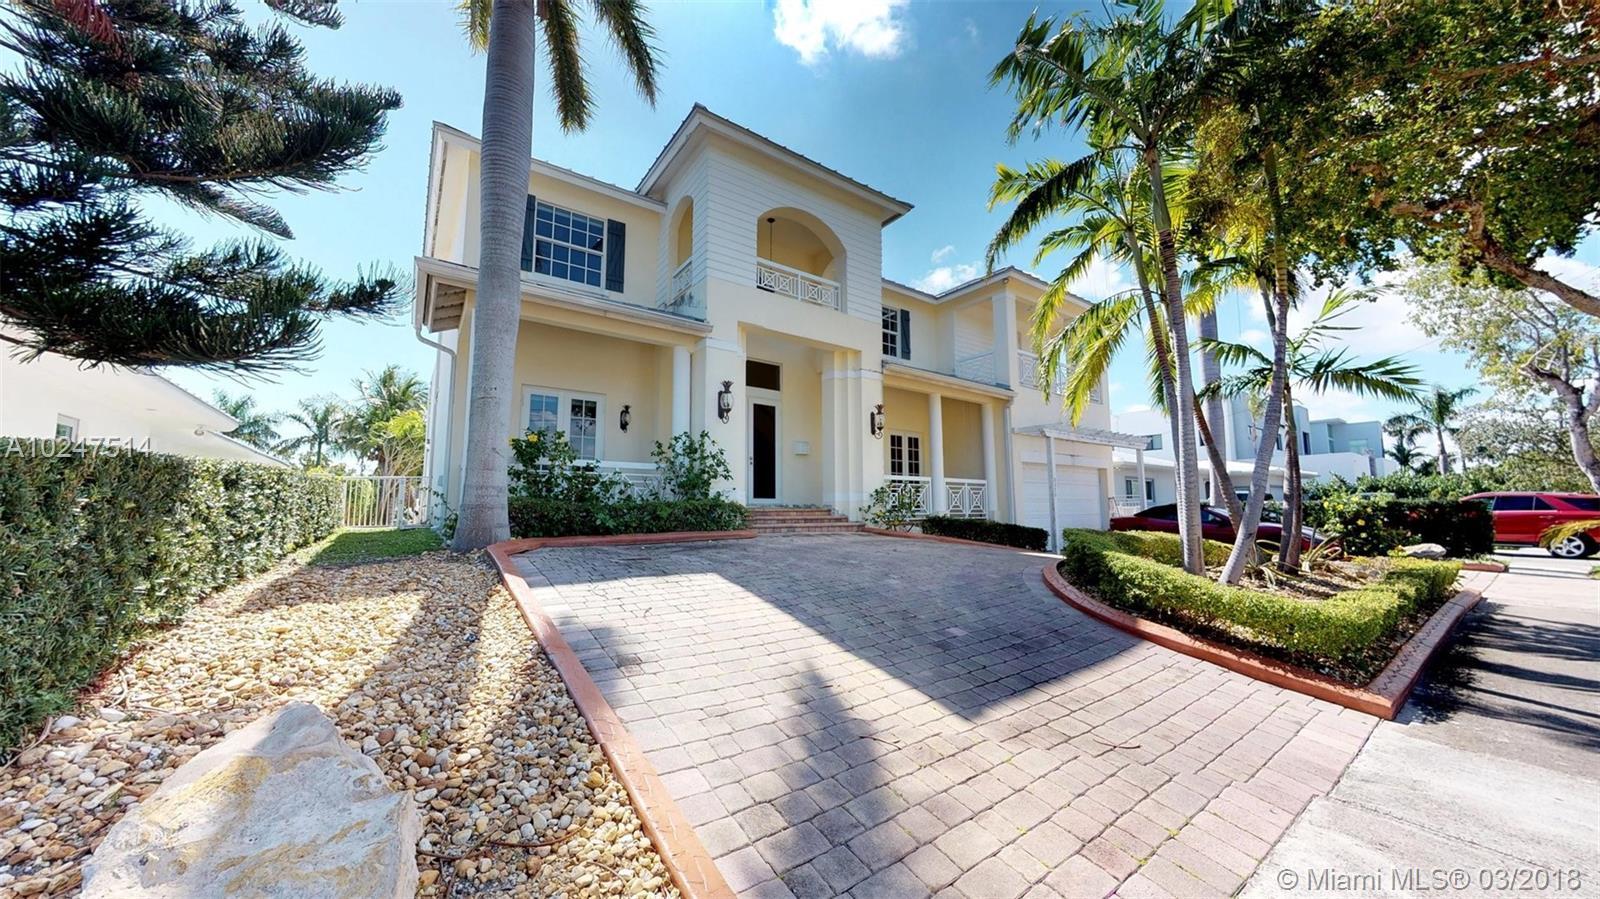 2370 Magnolia Dr, North Miami, FL 33181